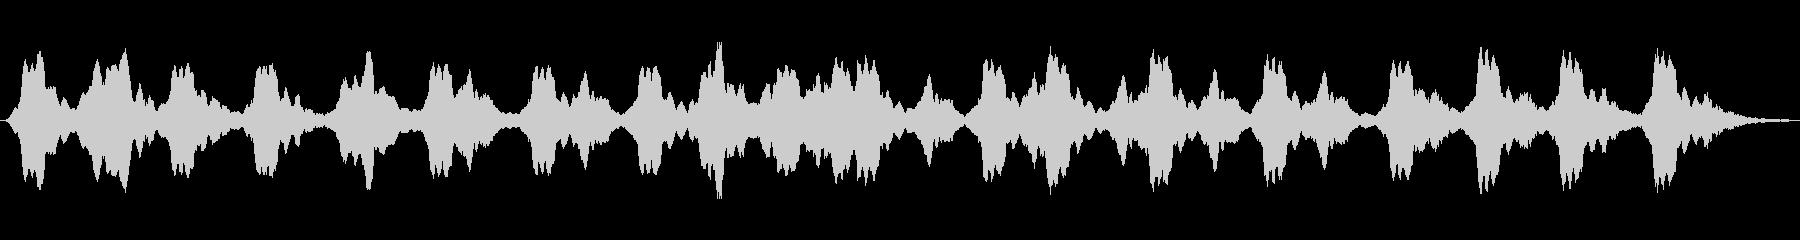 アナログパッド音で綴ったアンビエント音楽の未再生の波形